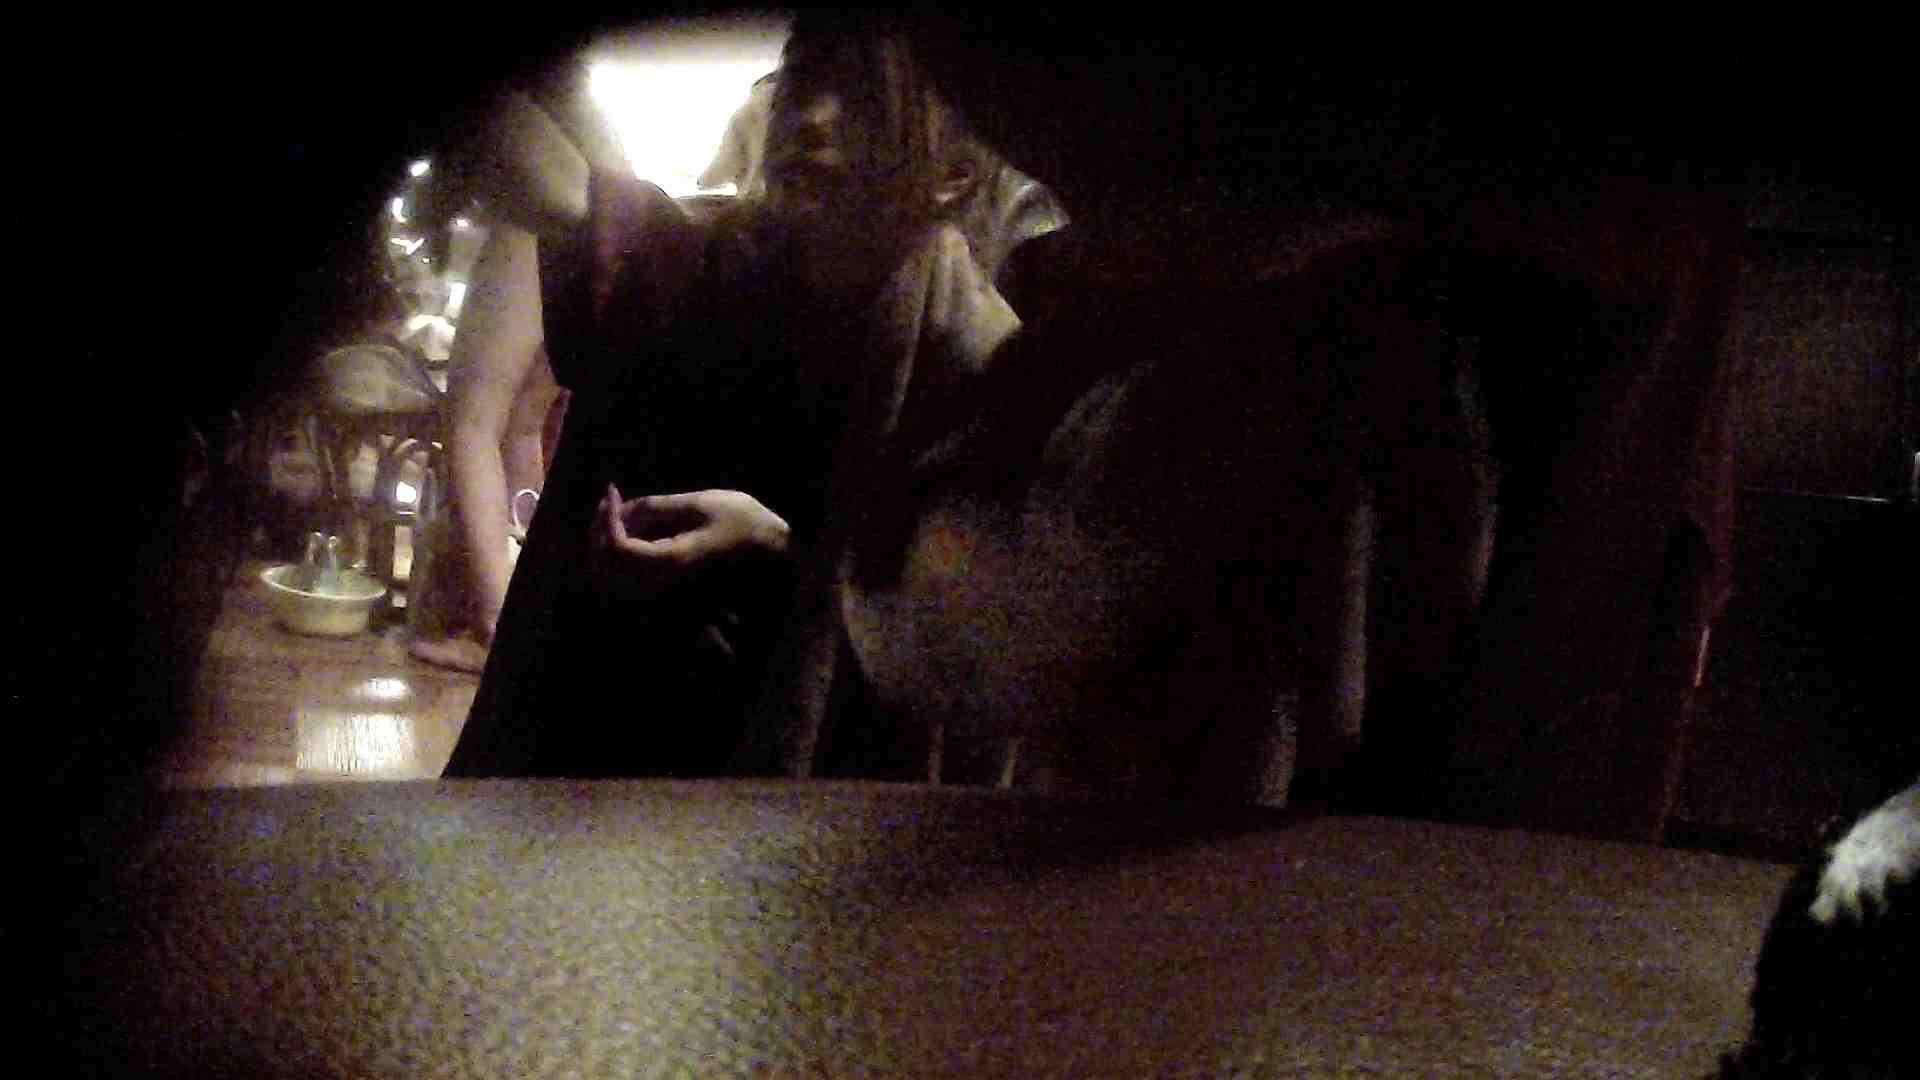 オムニバスVol.5 脱衣所のイケイケギャルがお勧め ギャル盗撮映像 | OLのボディ  97PIX 96